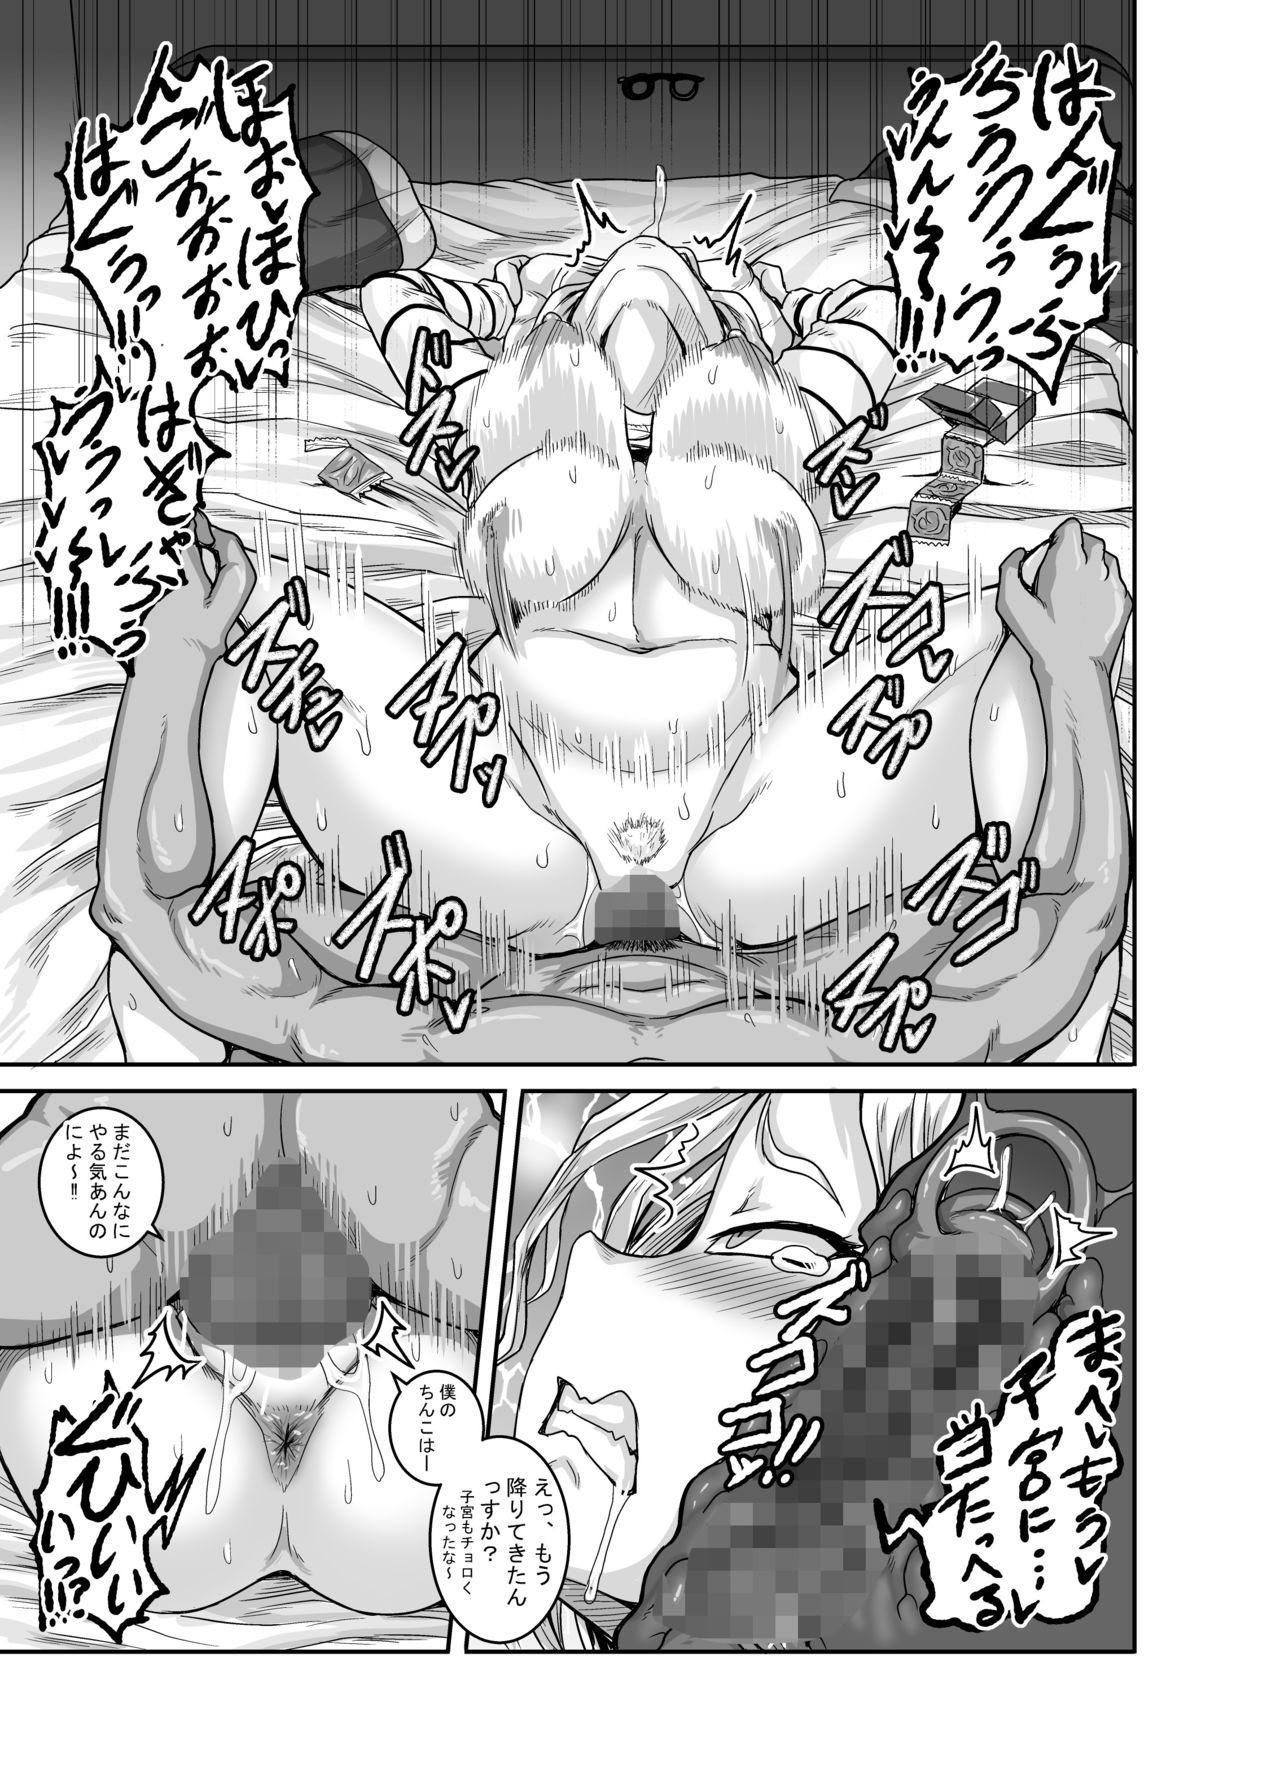 性欲に勝てないオンナ(人造人間)+ フルカラー4ページ漫画(ラフタリア&ツナデ) 13